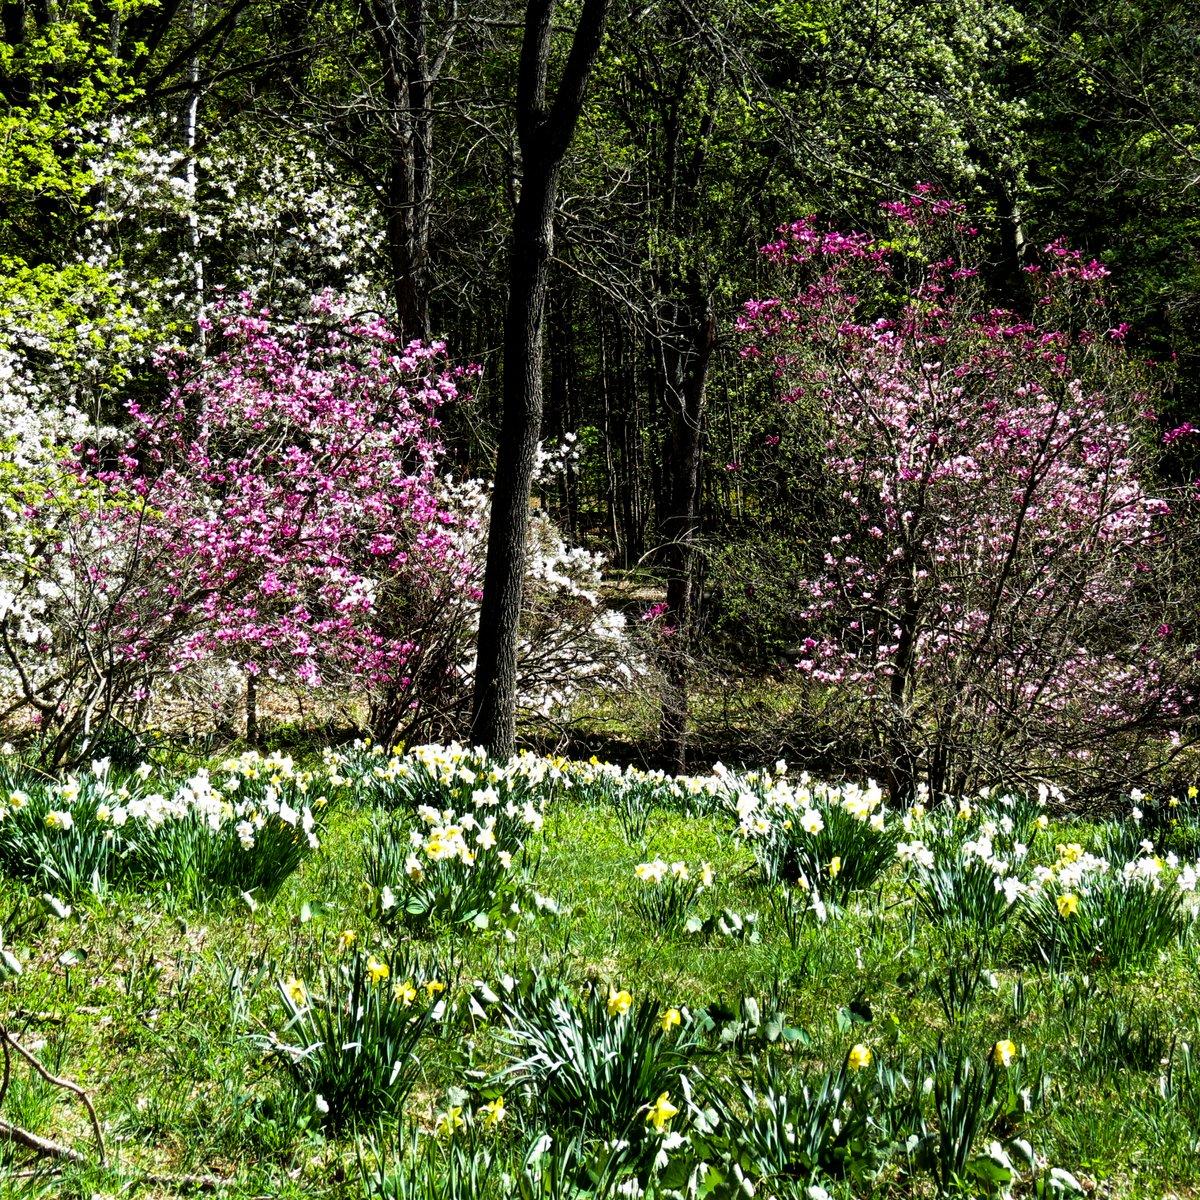 3. Woodland Garden